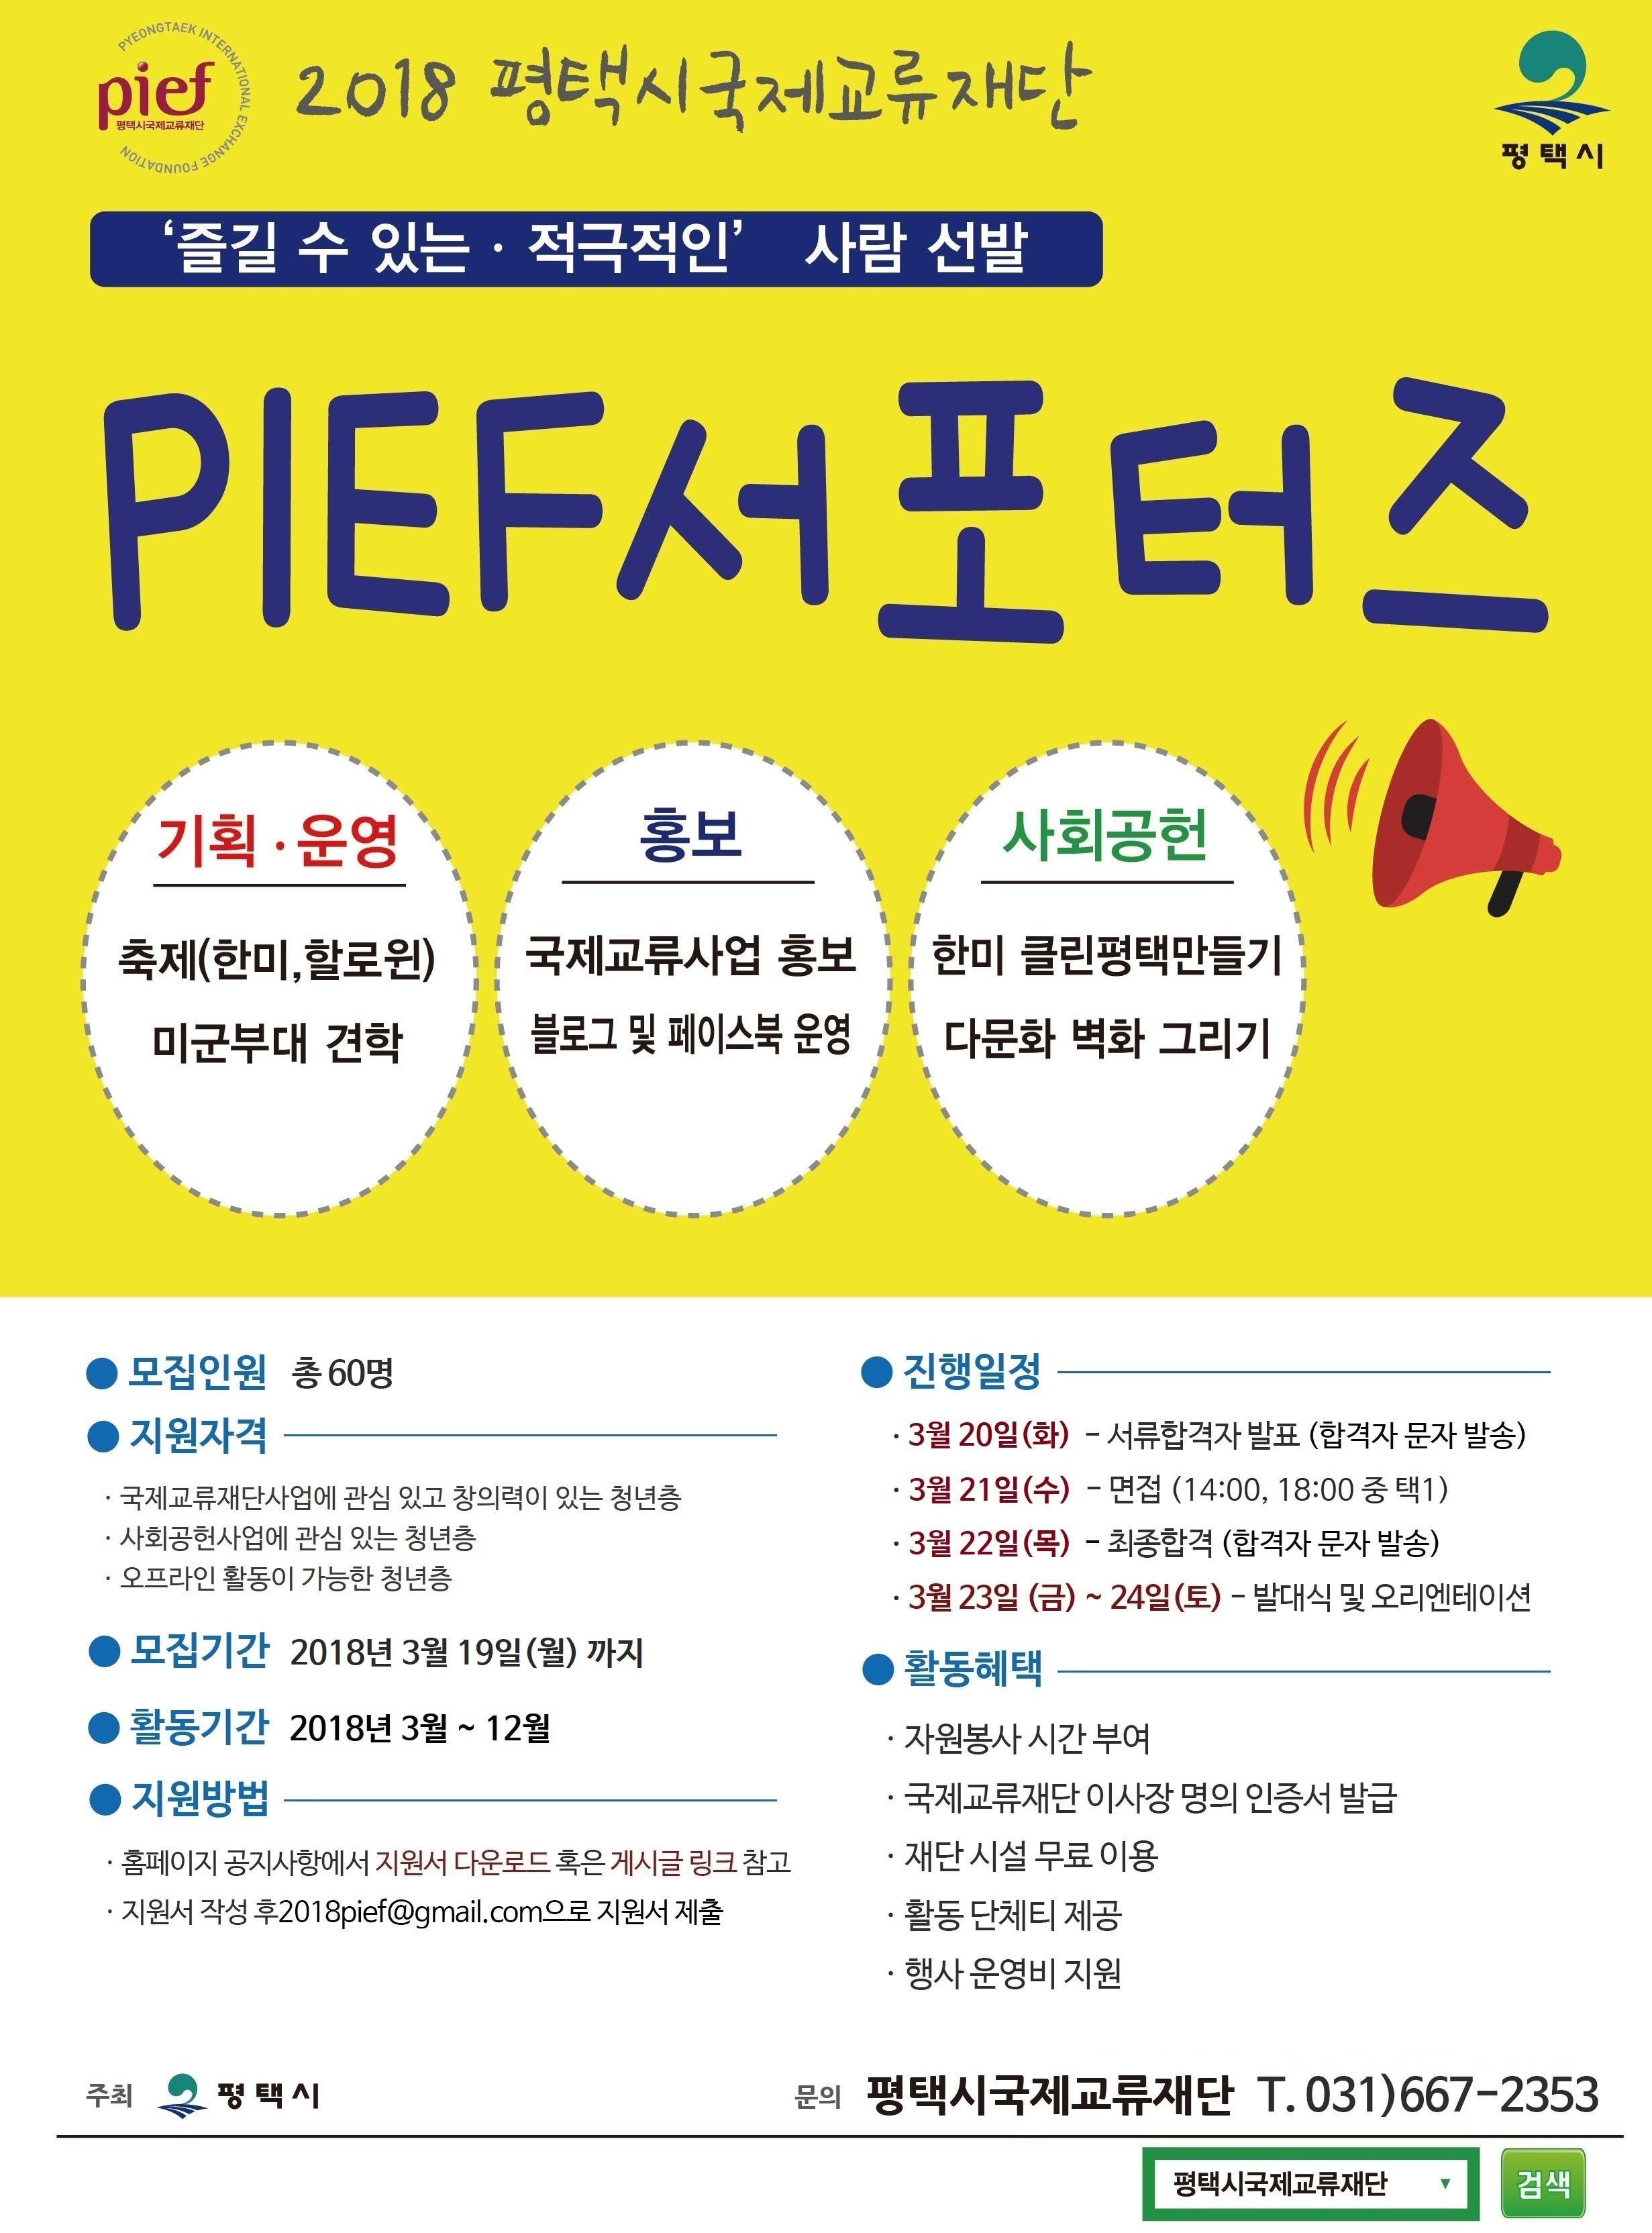 [평택시국제교류재단] PIEF 국제교류 서포터즈